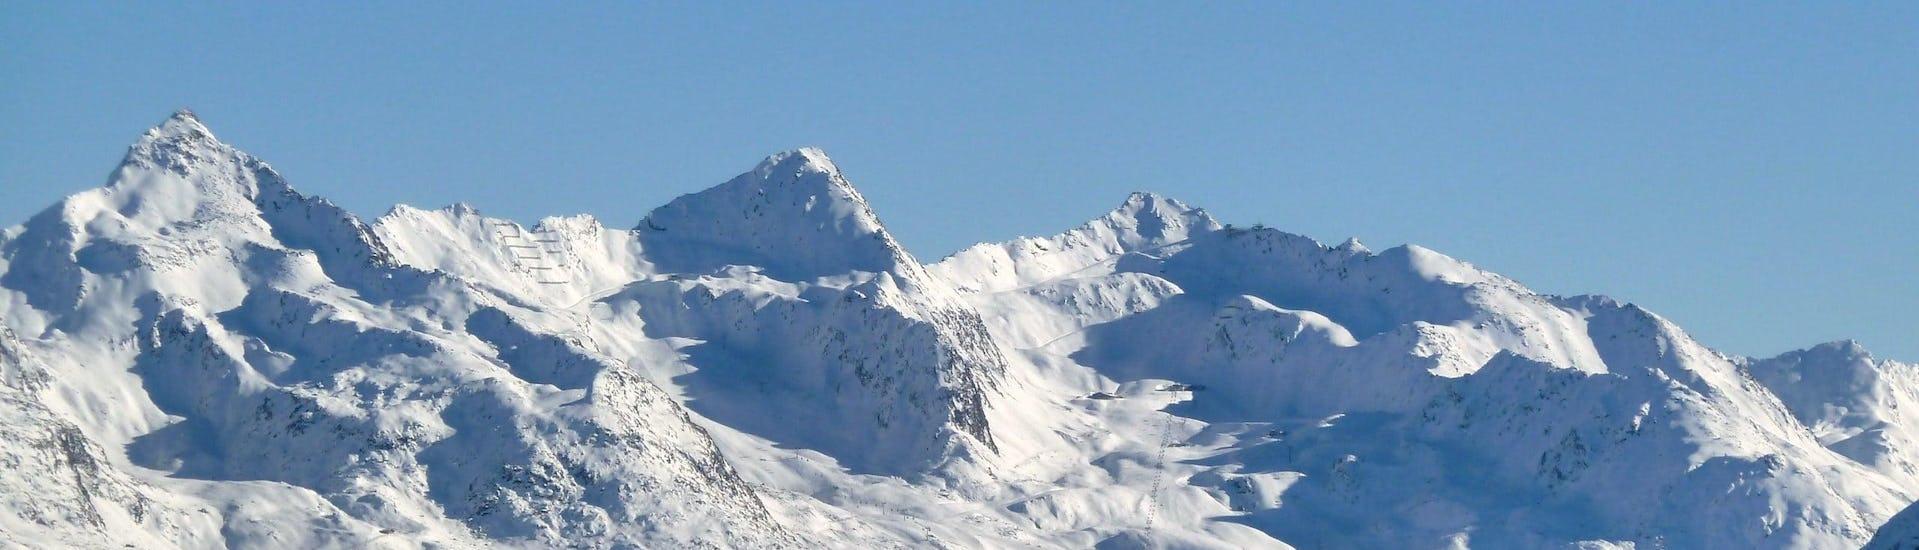 Vista del paesaggio montano soleggiato durante un corso di sci con scuole di sci a Obergurgl-Hochgurgl.